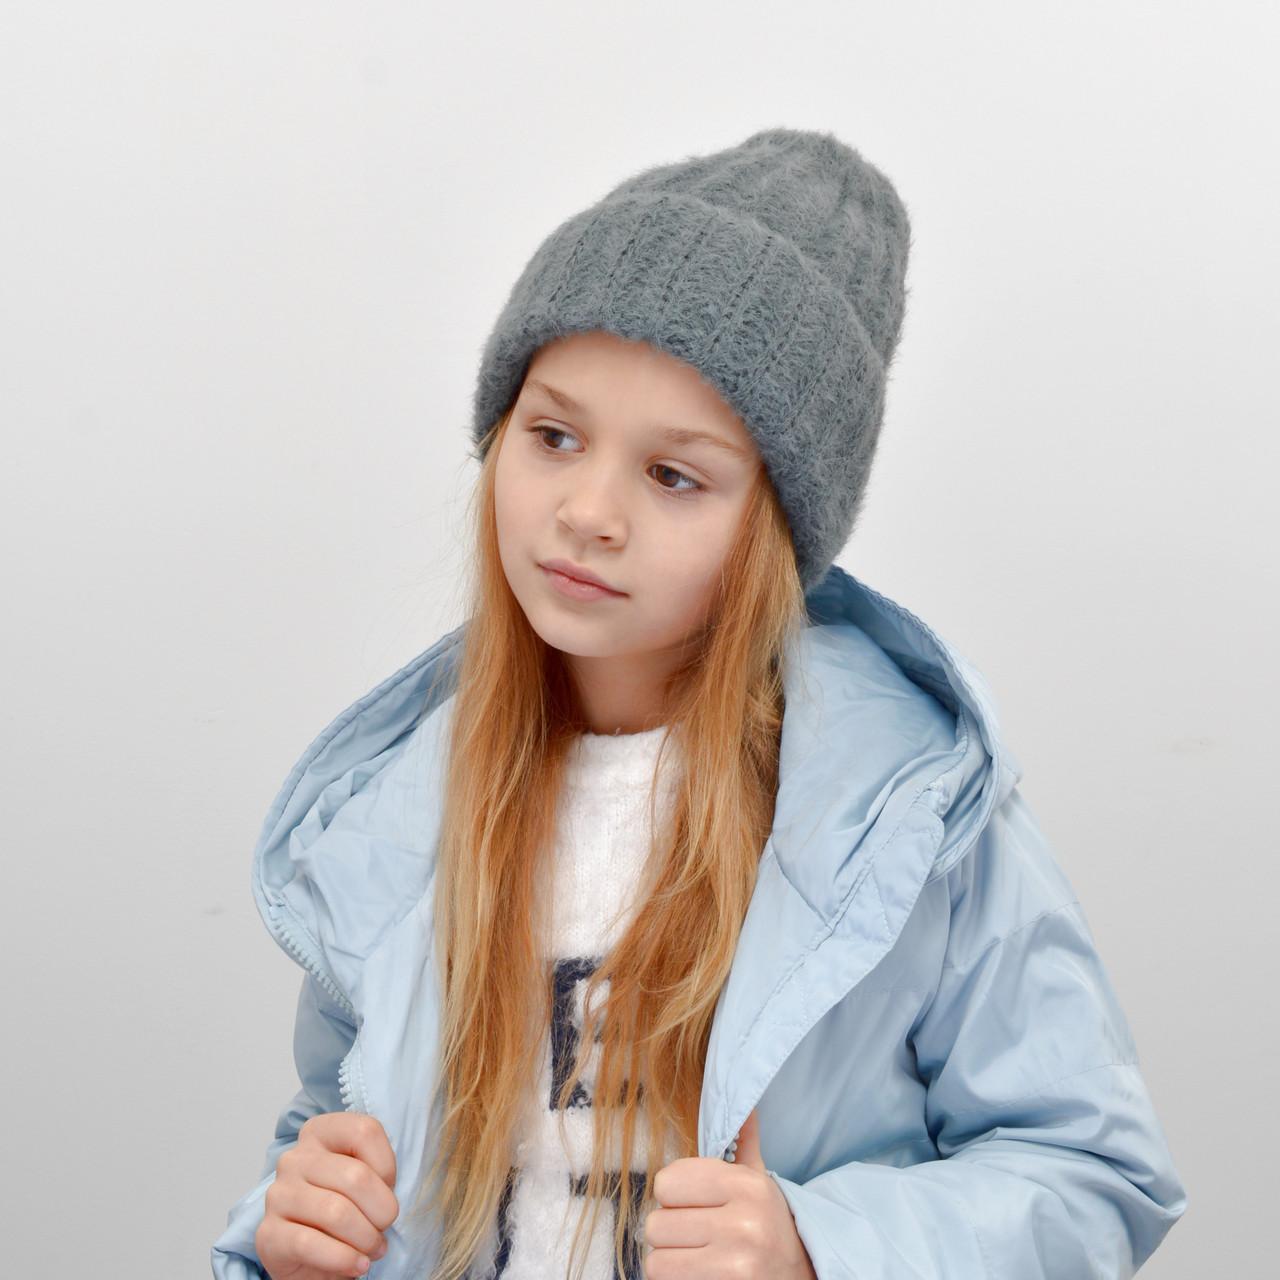 Дитяча шапка NordNeo 3432 темний сірий